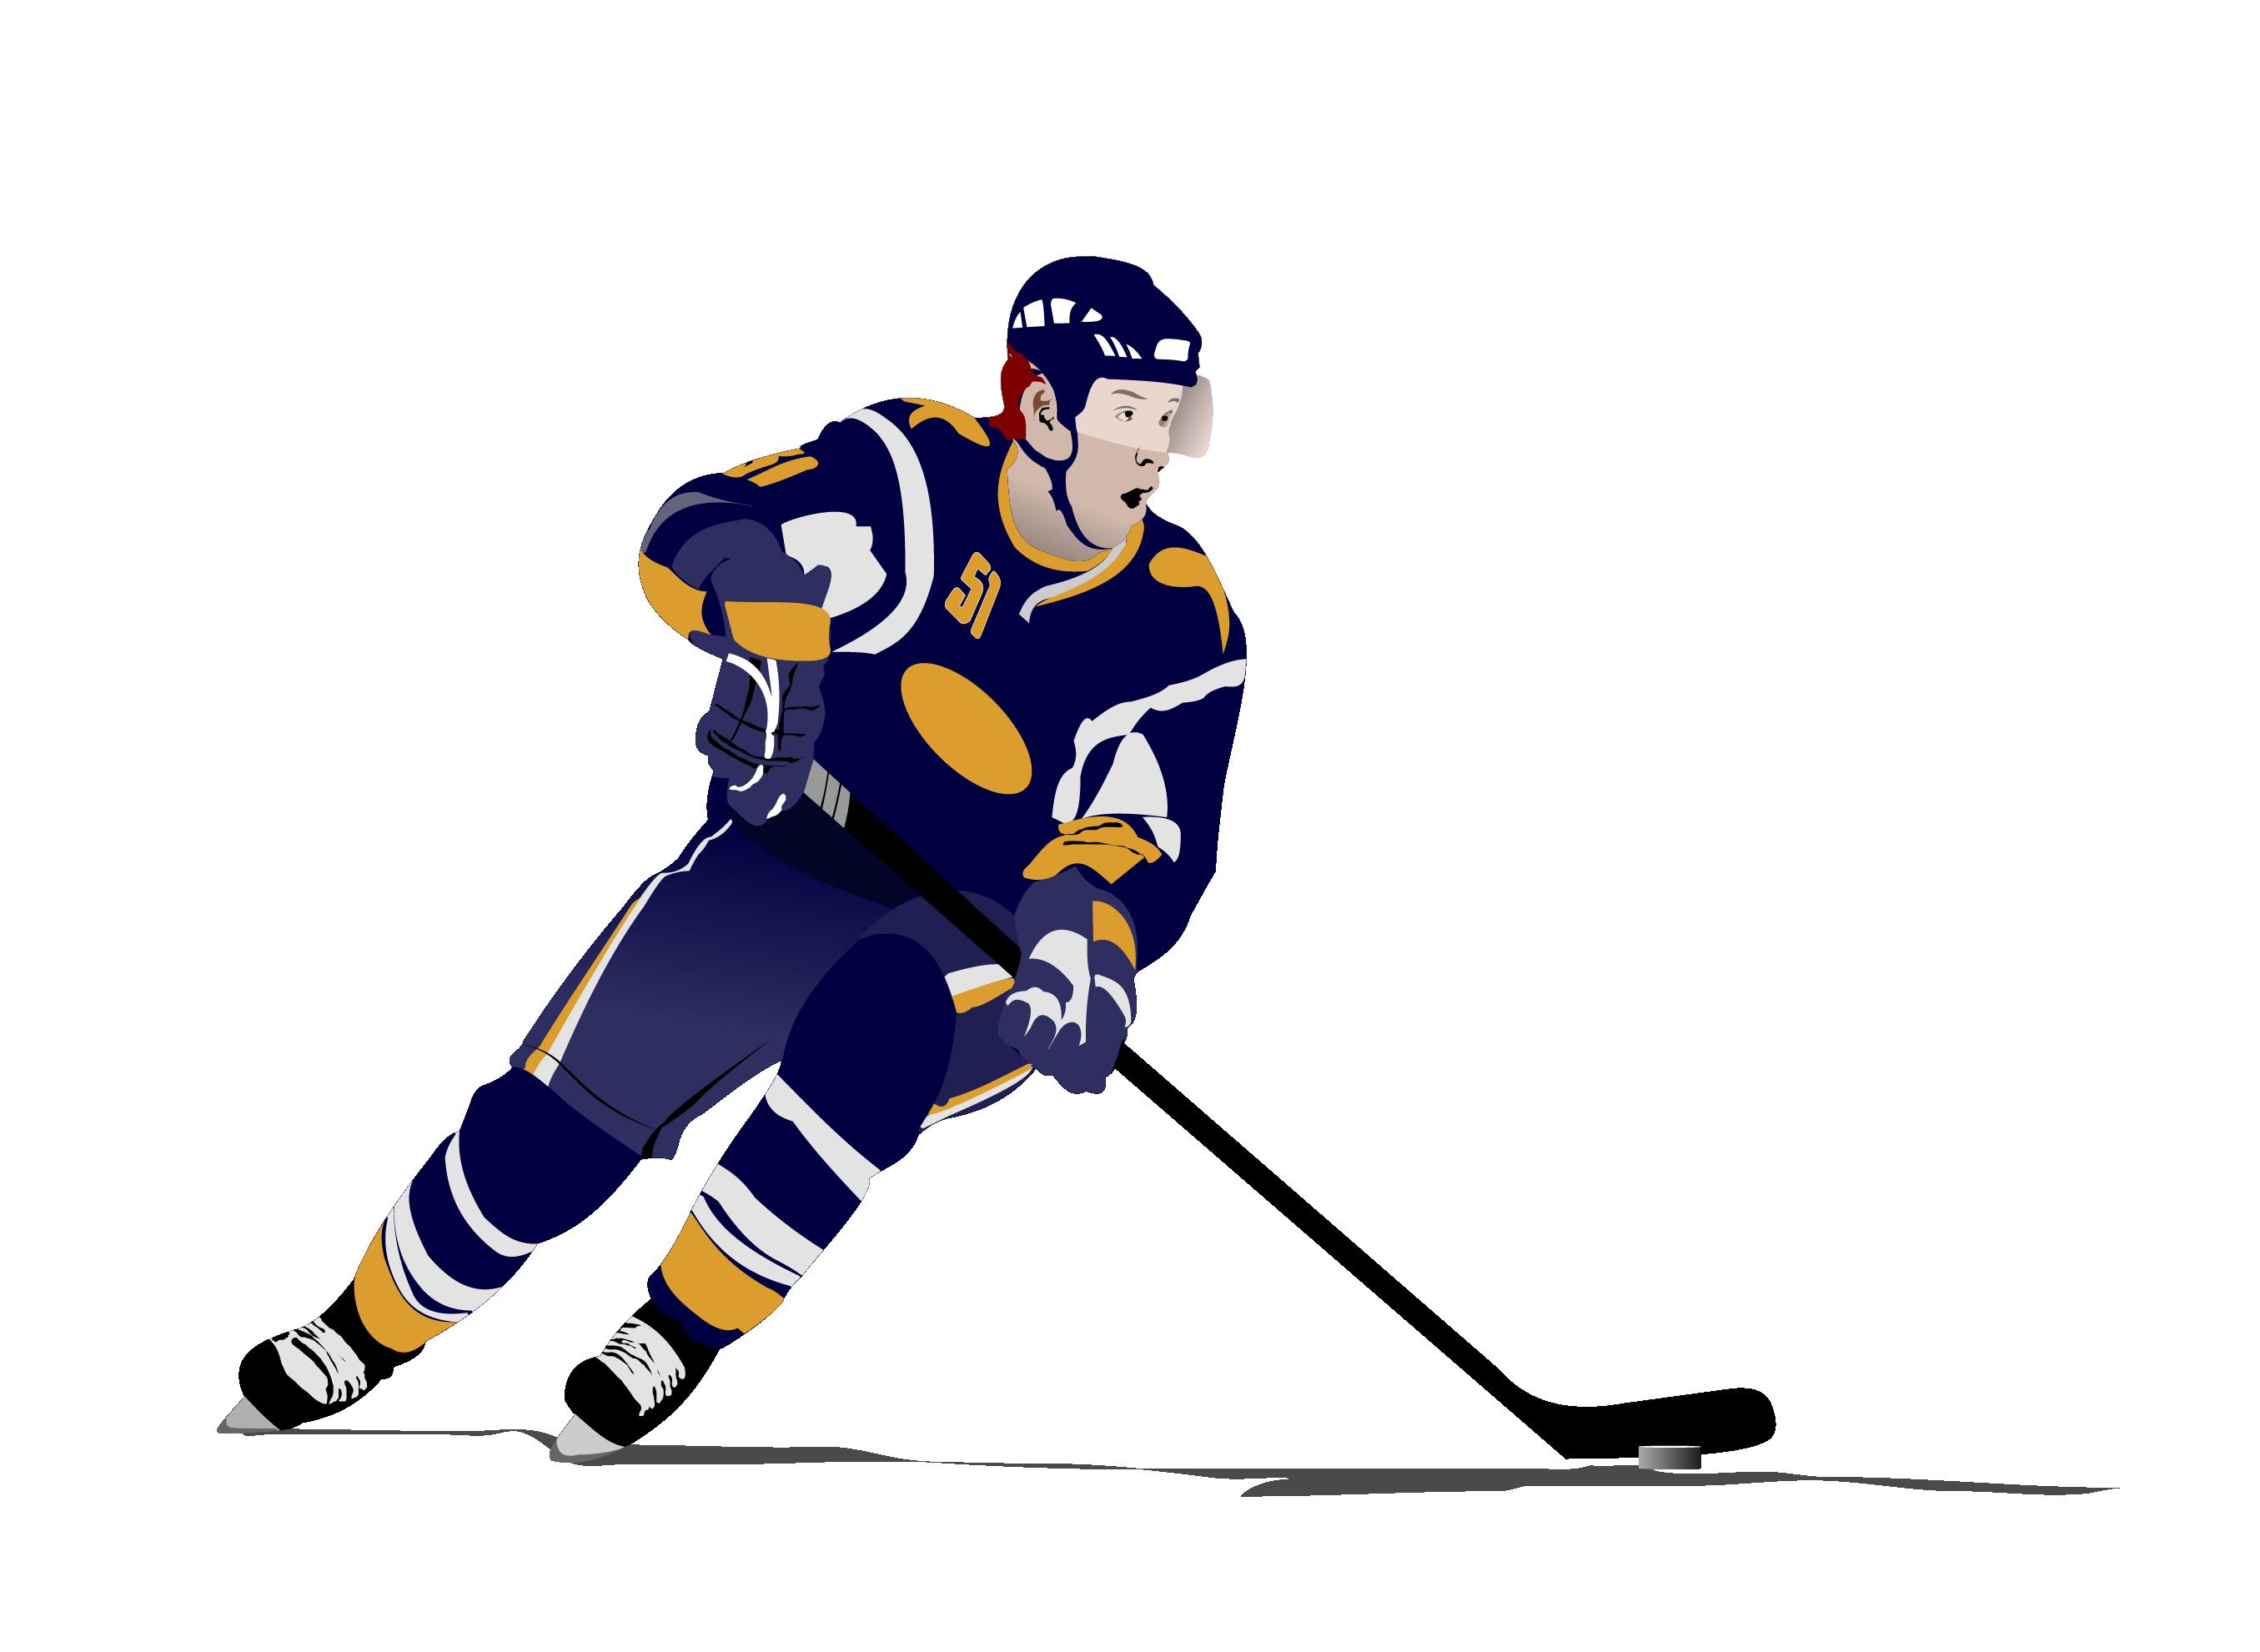 Ice stock photography royalty. Hockey clipart hockey team